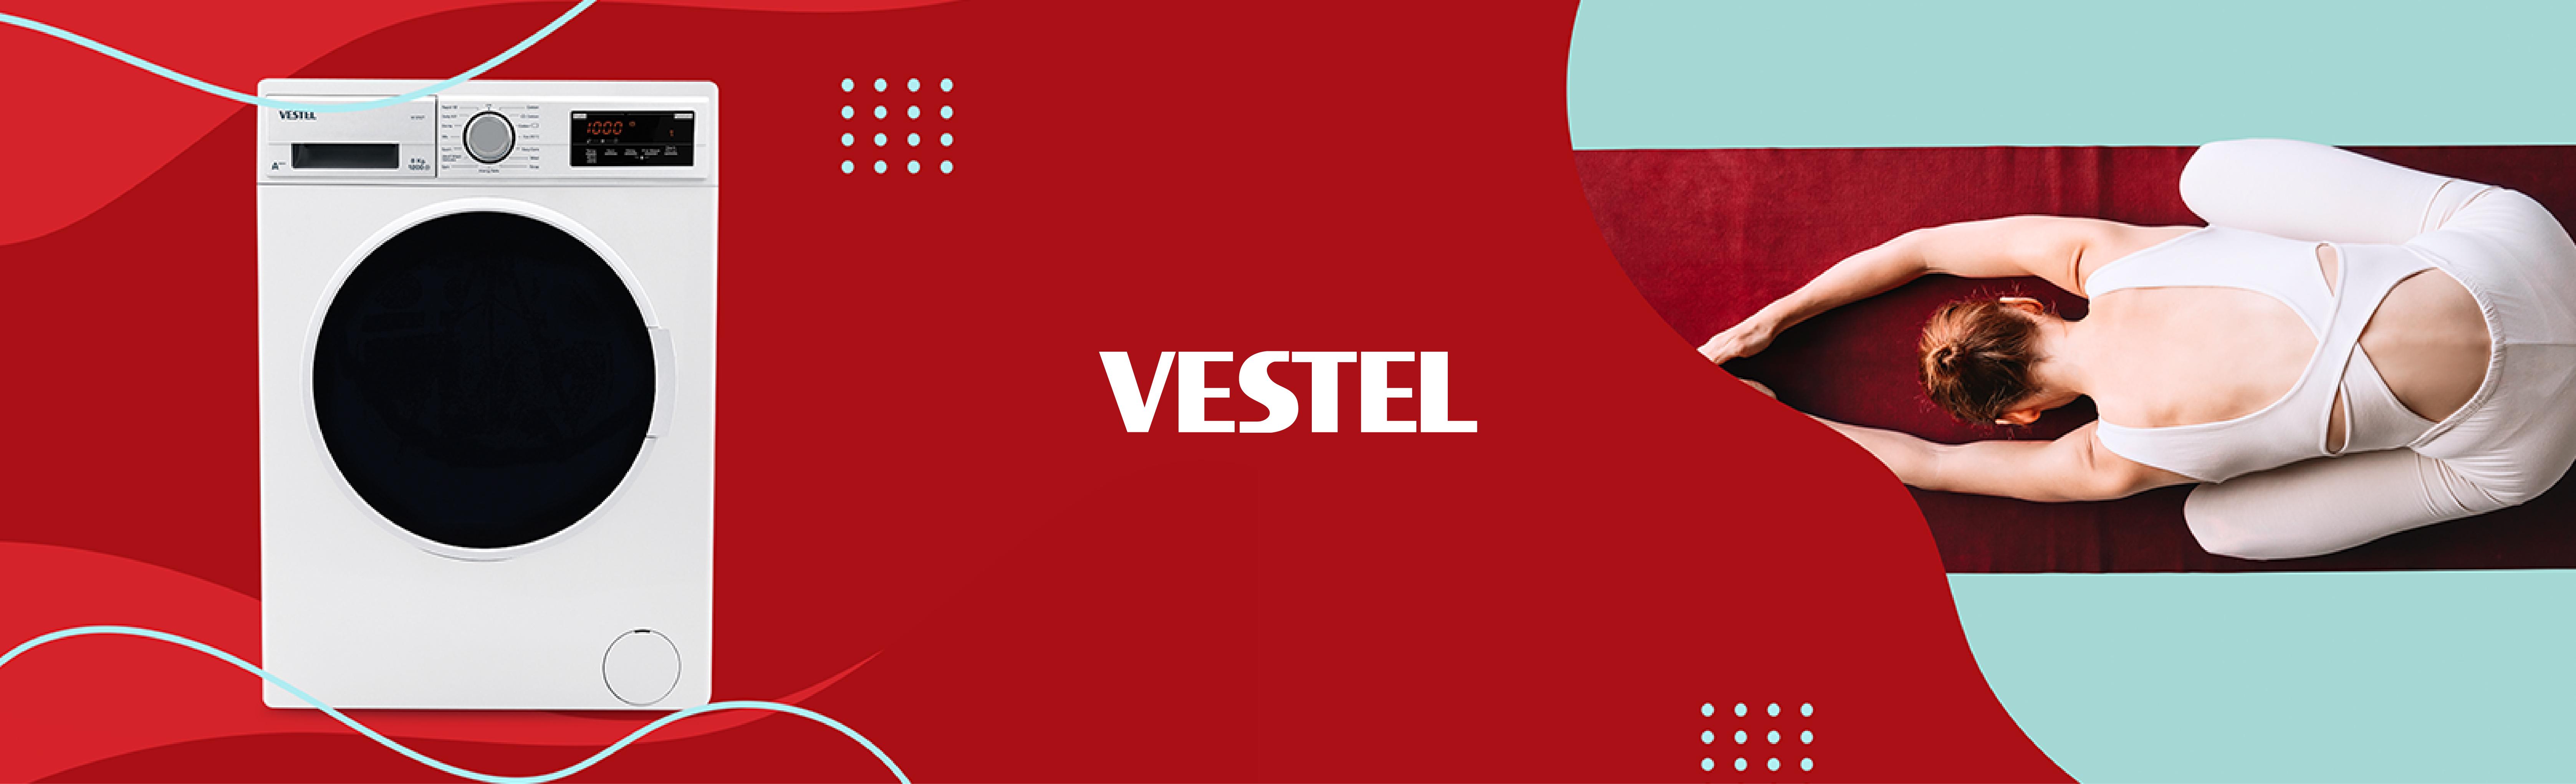 Vestel Washing Machine